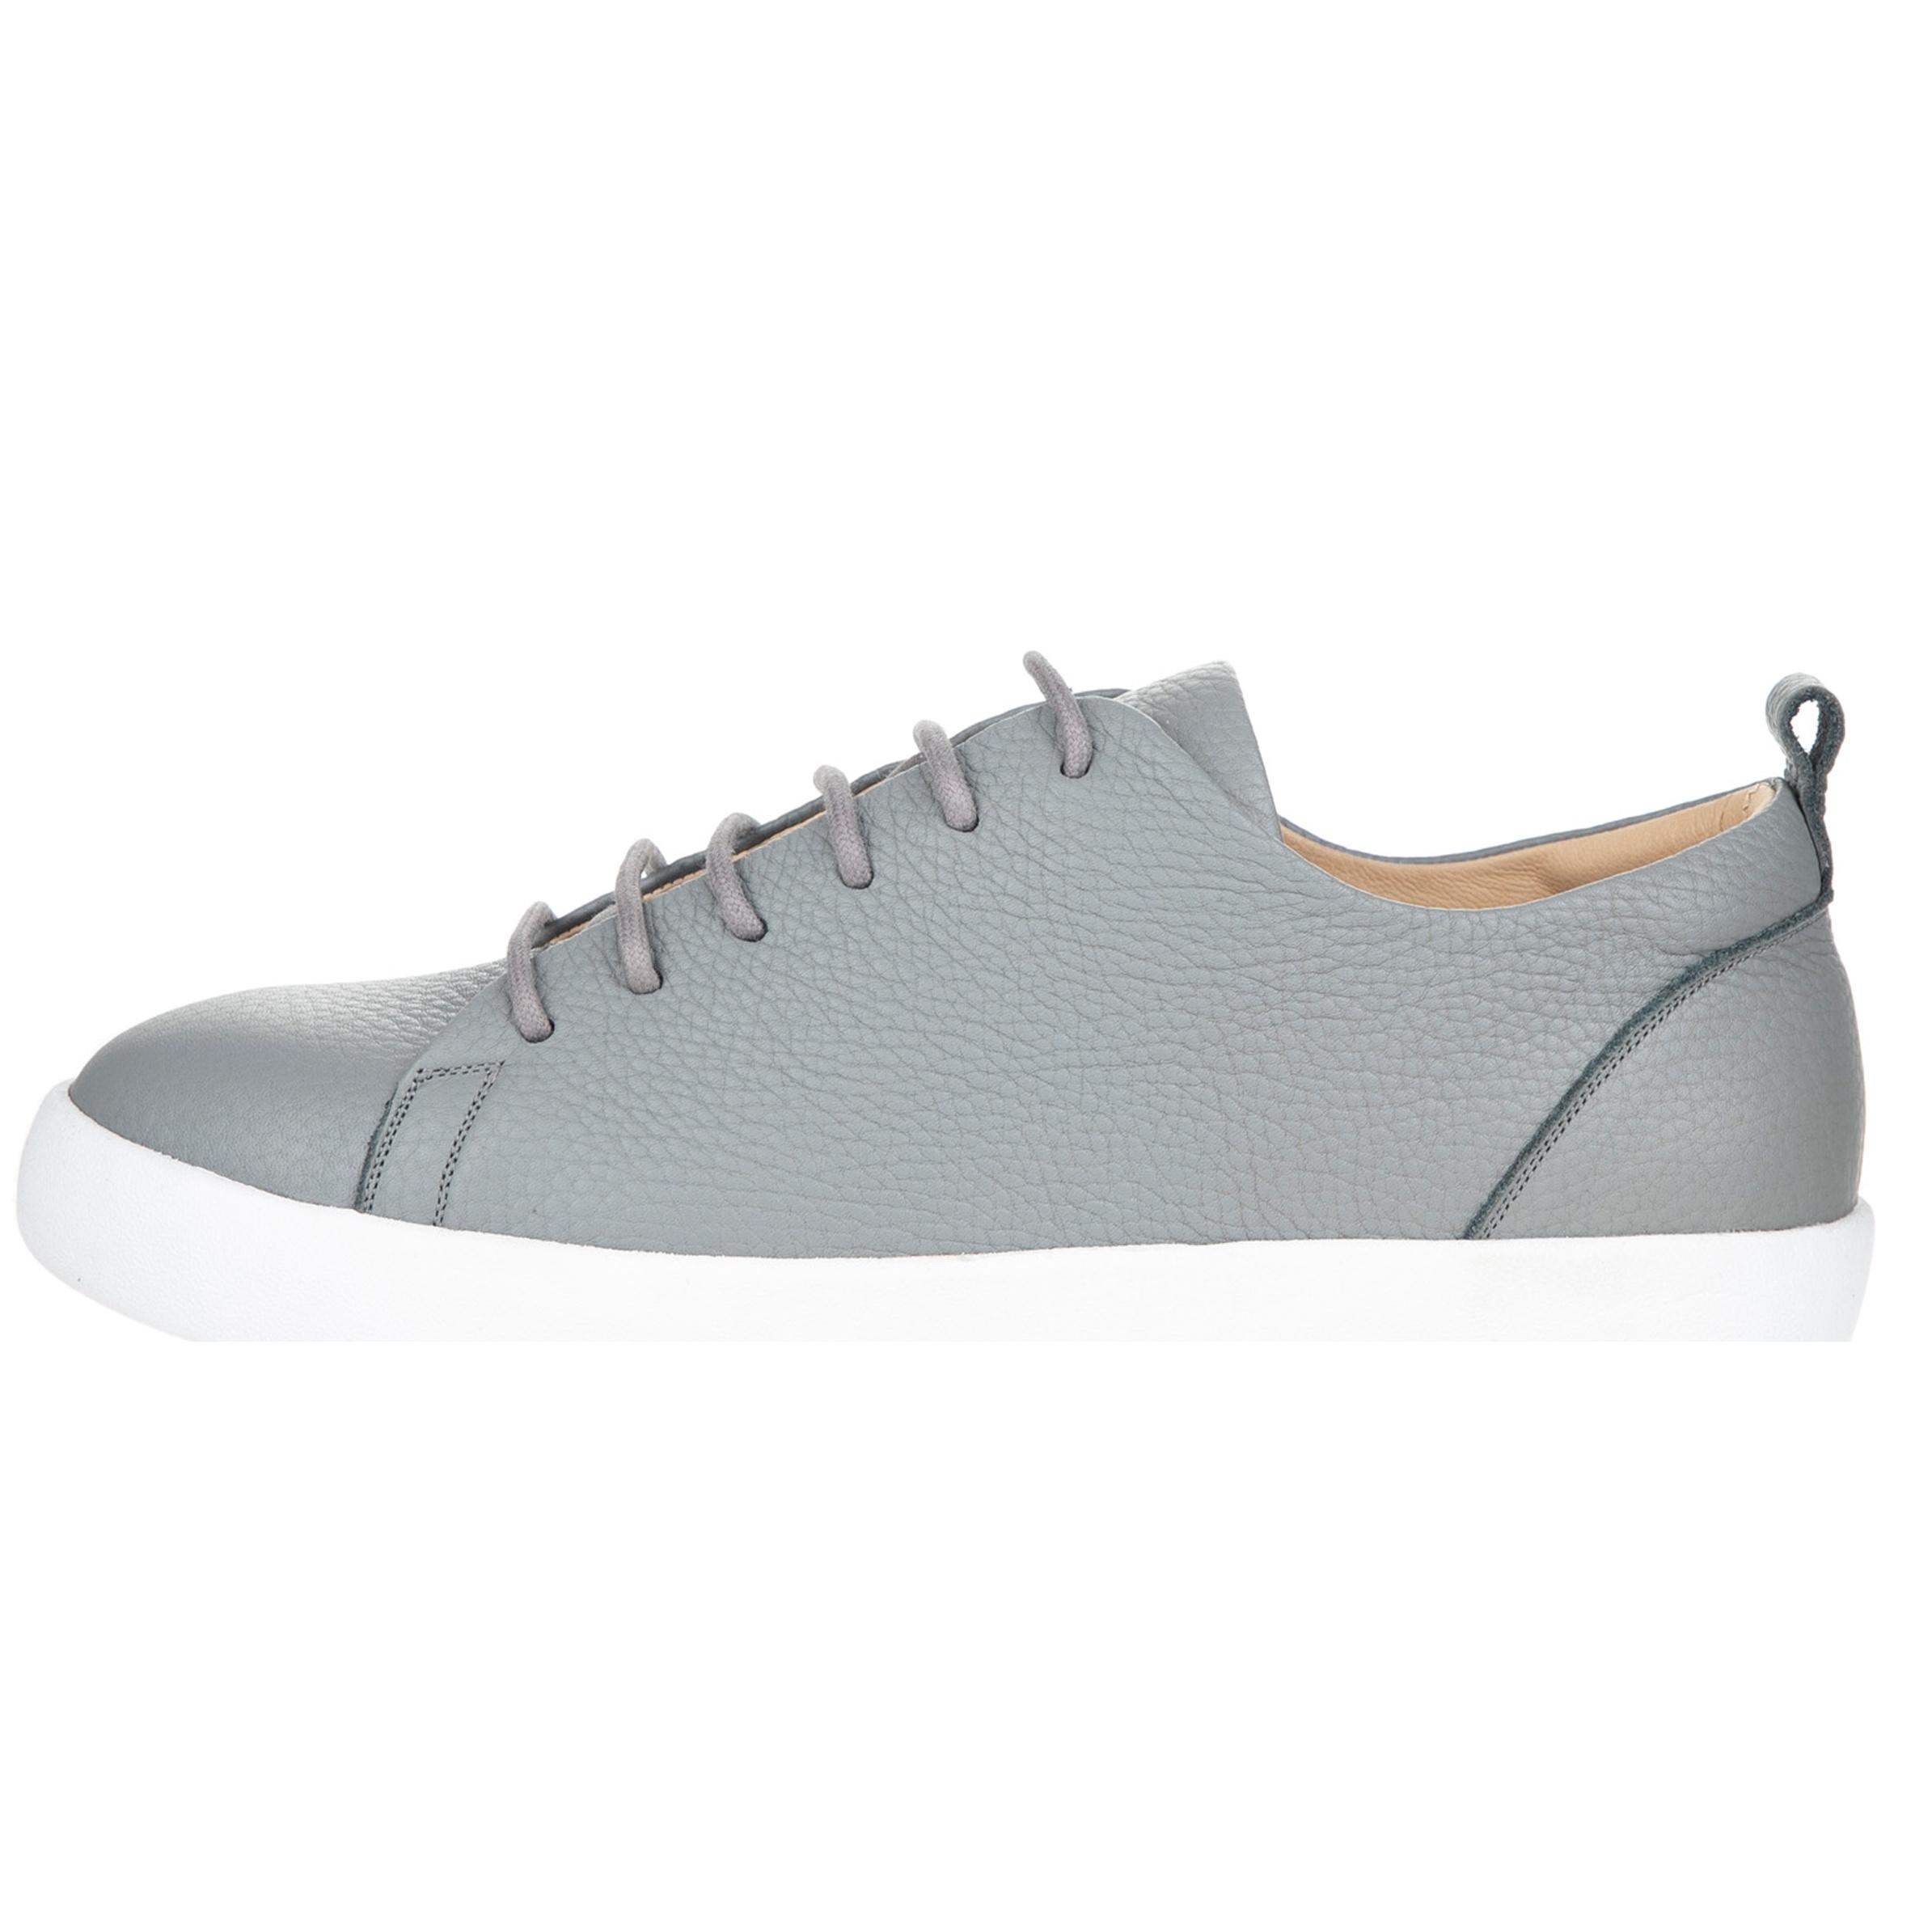 کفش روزمره مردانه برتونیکس مدل 857-20